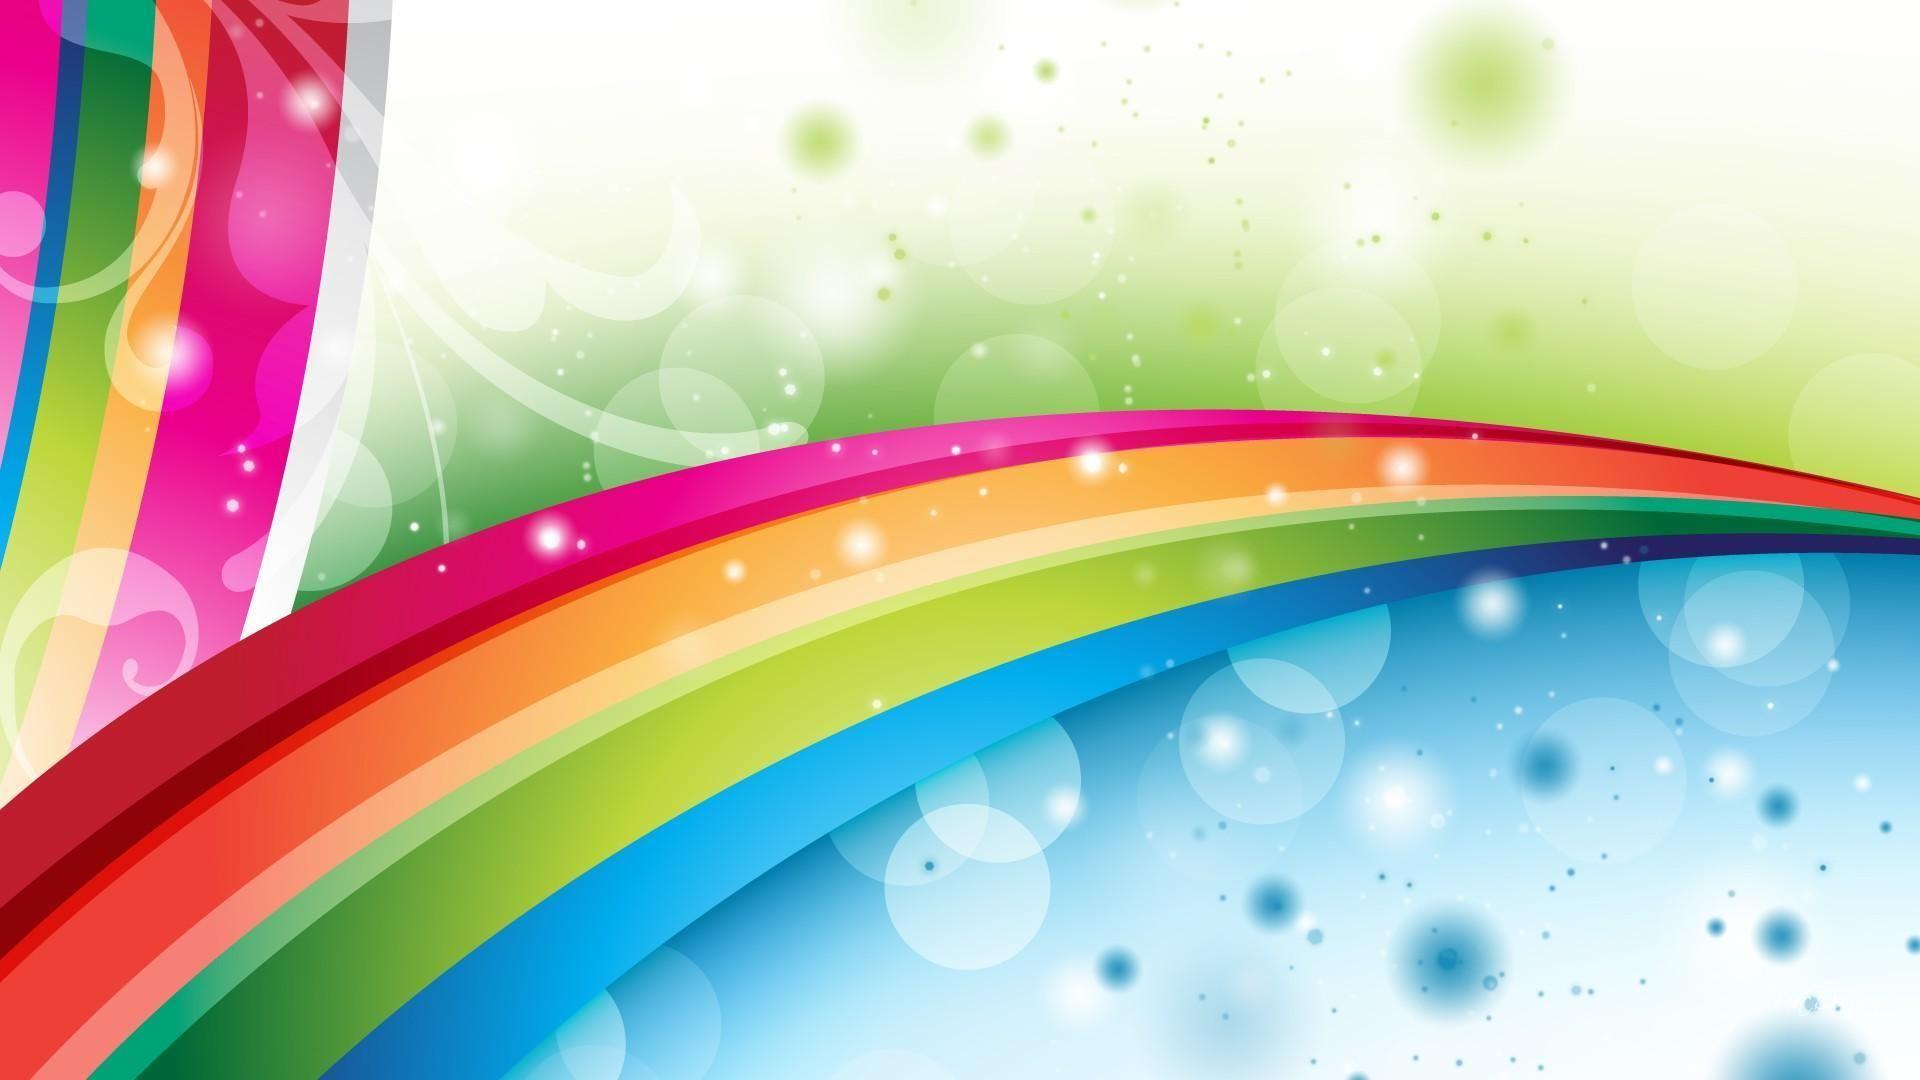 الوان قوس قزح Google Trsene With Images Rainbow Wallpaper